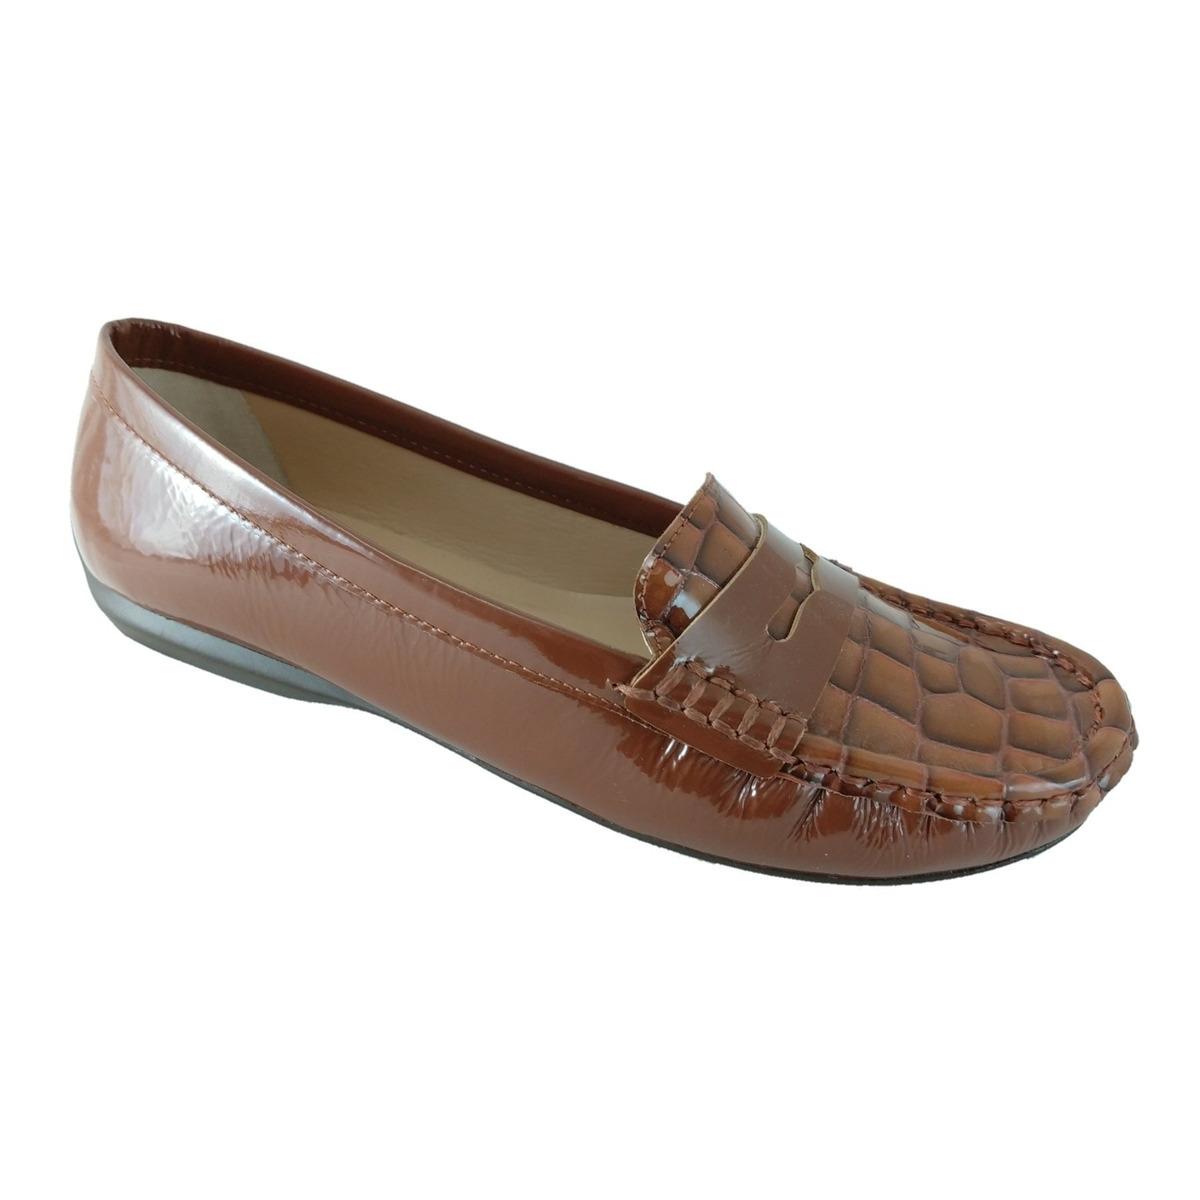 bef103910 Mocassim Feminino Sapatoweb Couro Marrom - R$ 94,90 em Mercado Livre